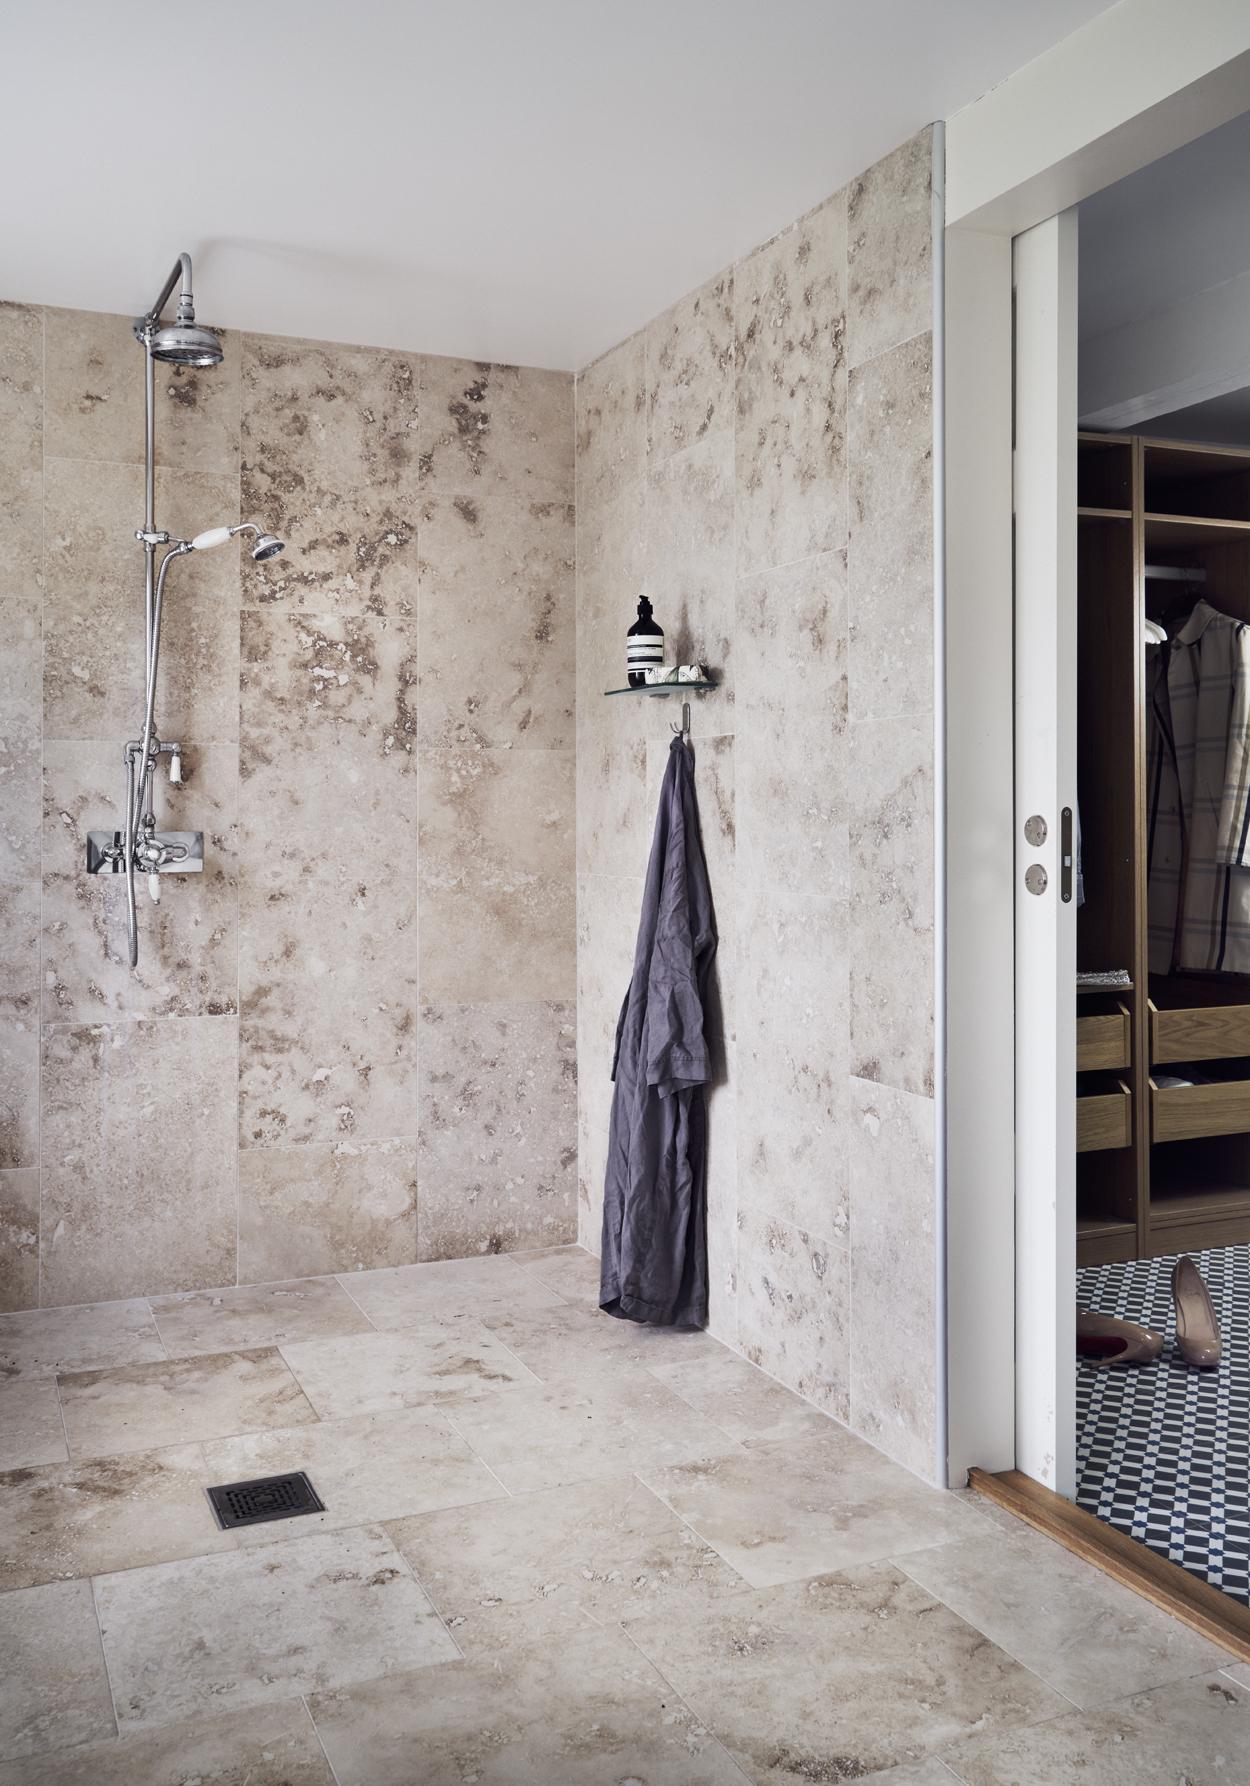 Fantastik frank интерьер вилла швеция ванная комната травертиновые полы